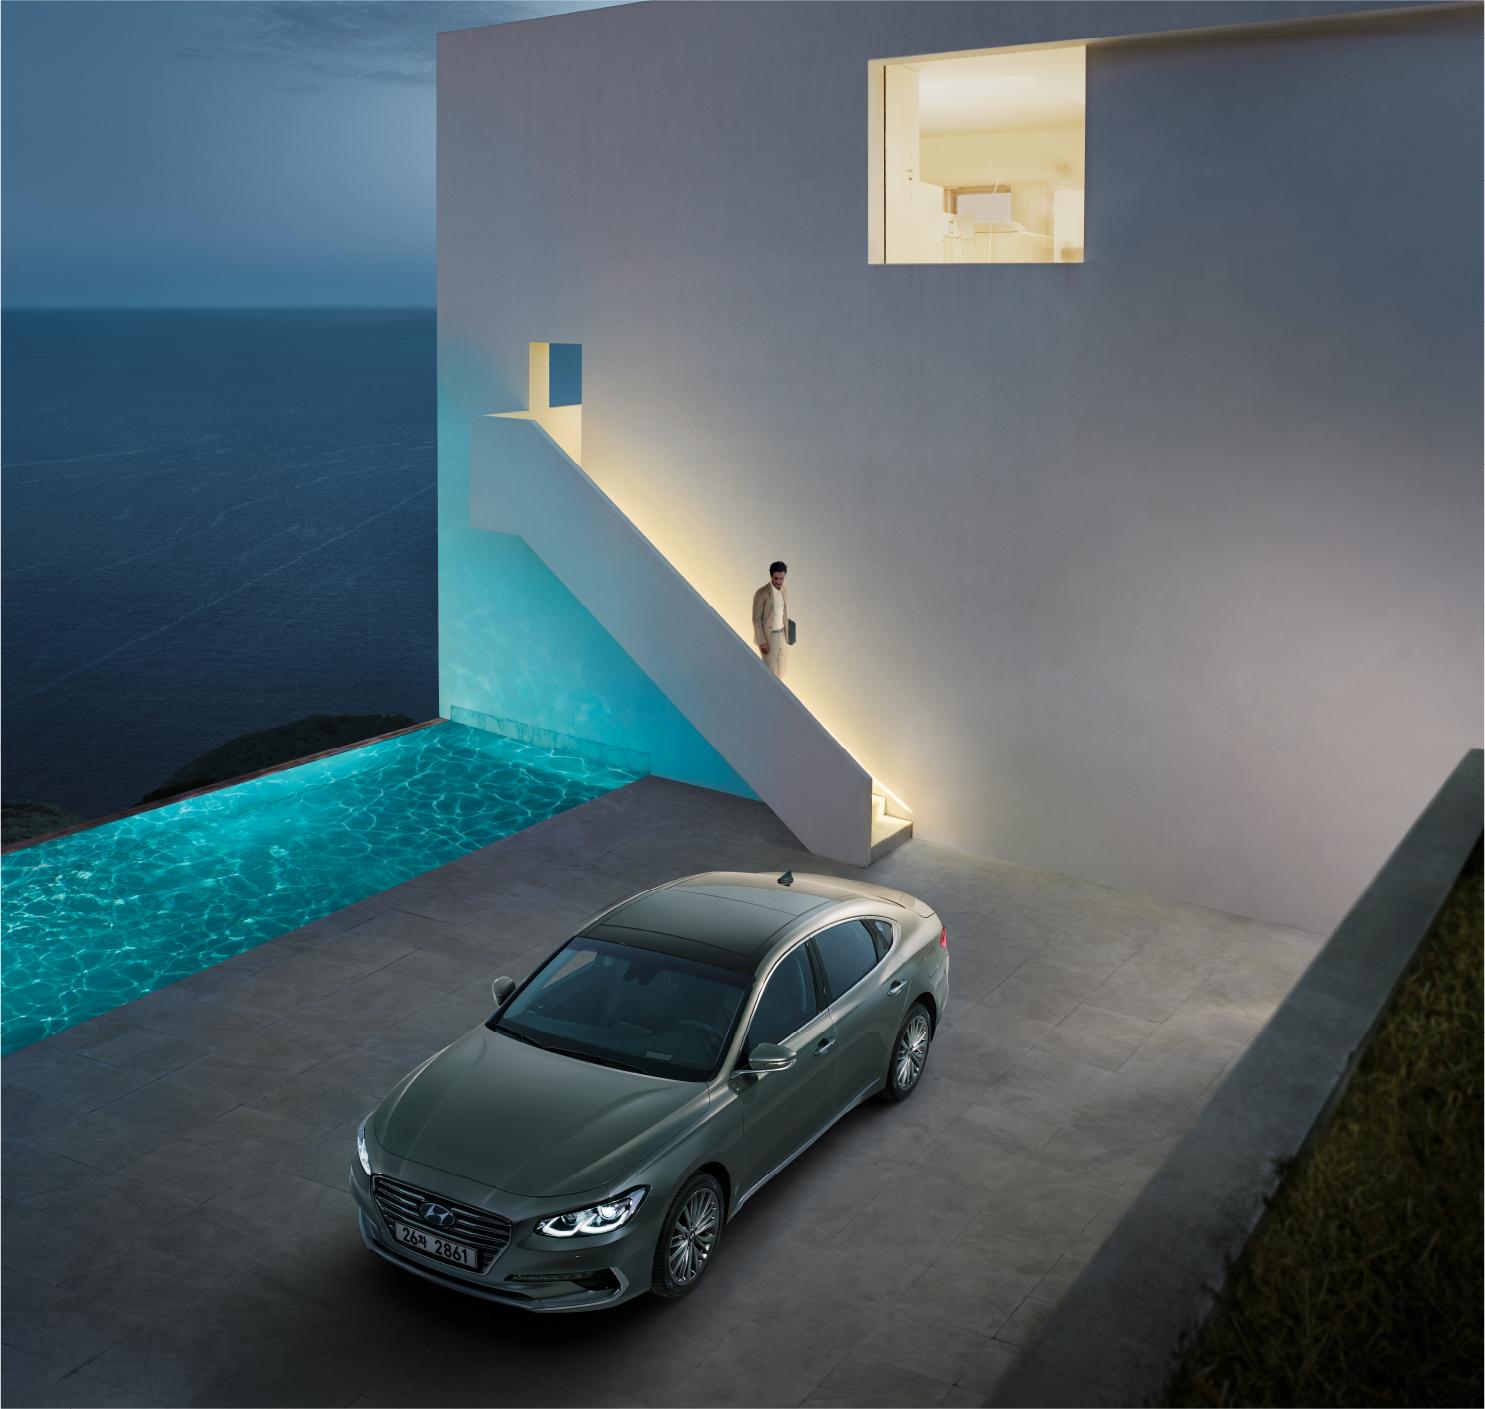 Hyundai Grandeur Global Launch 2016